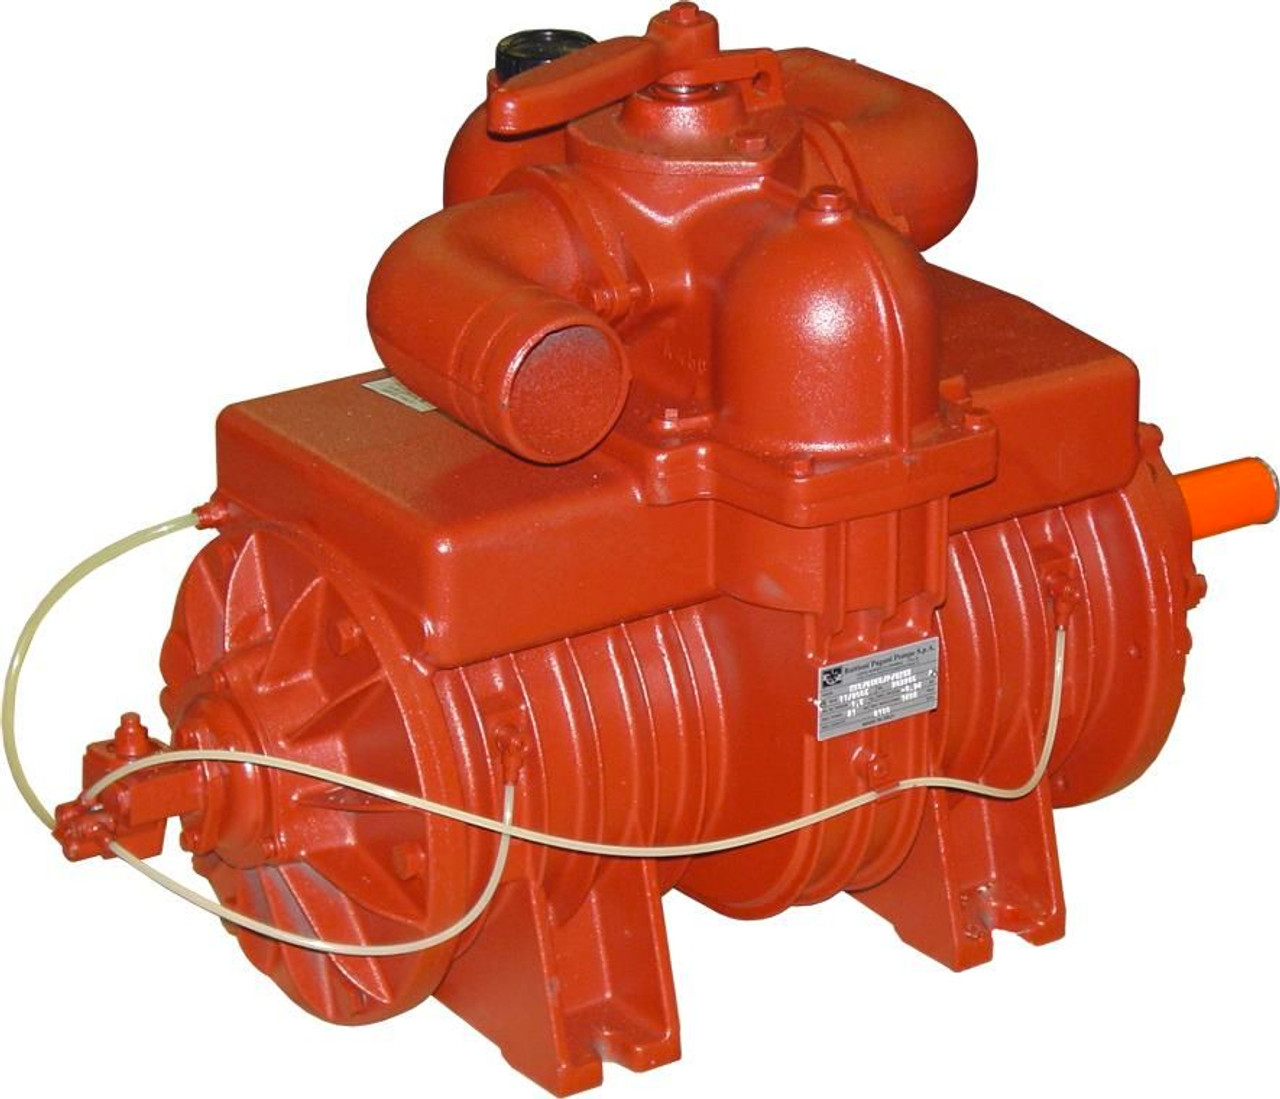 BATTIONI MEC11000 Vacuum Pumps | Auto Lube